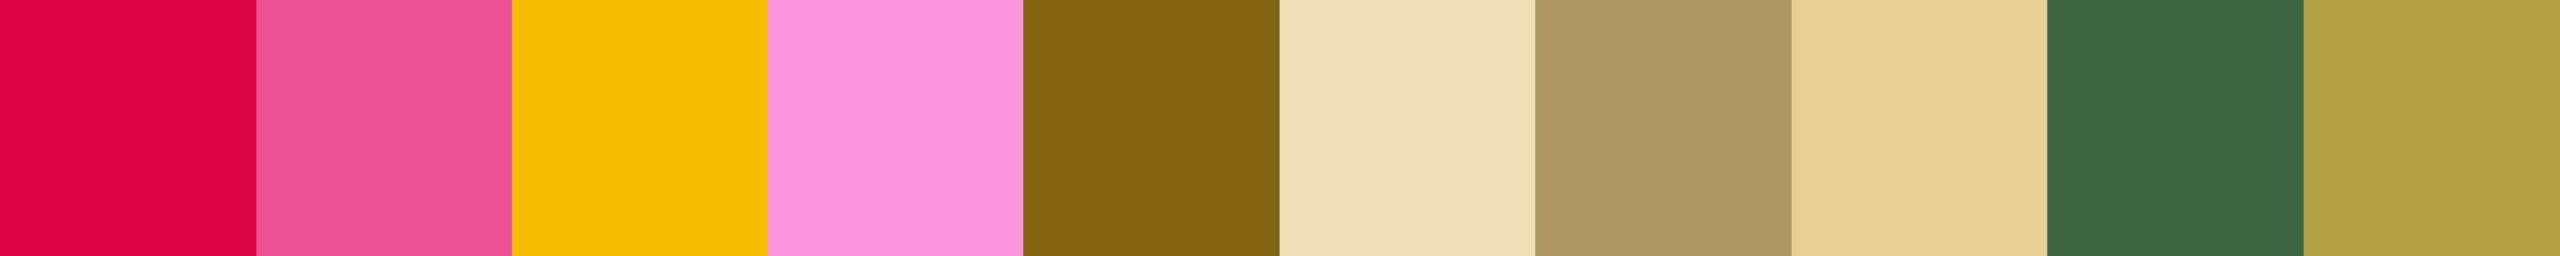 511 Vorbela Color Palette